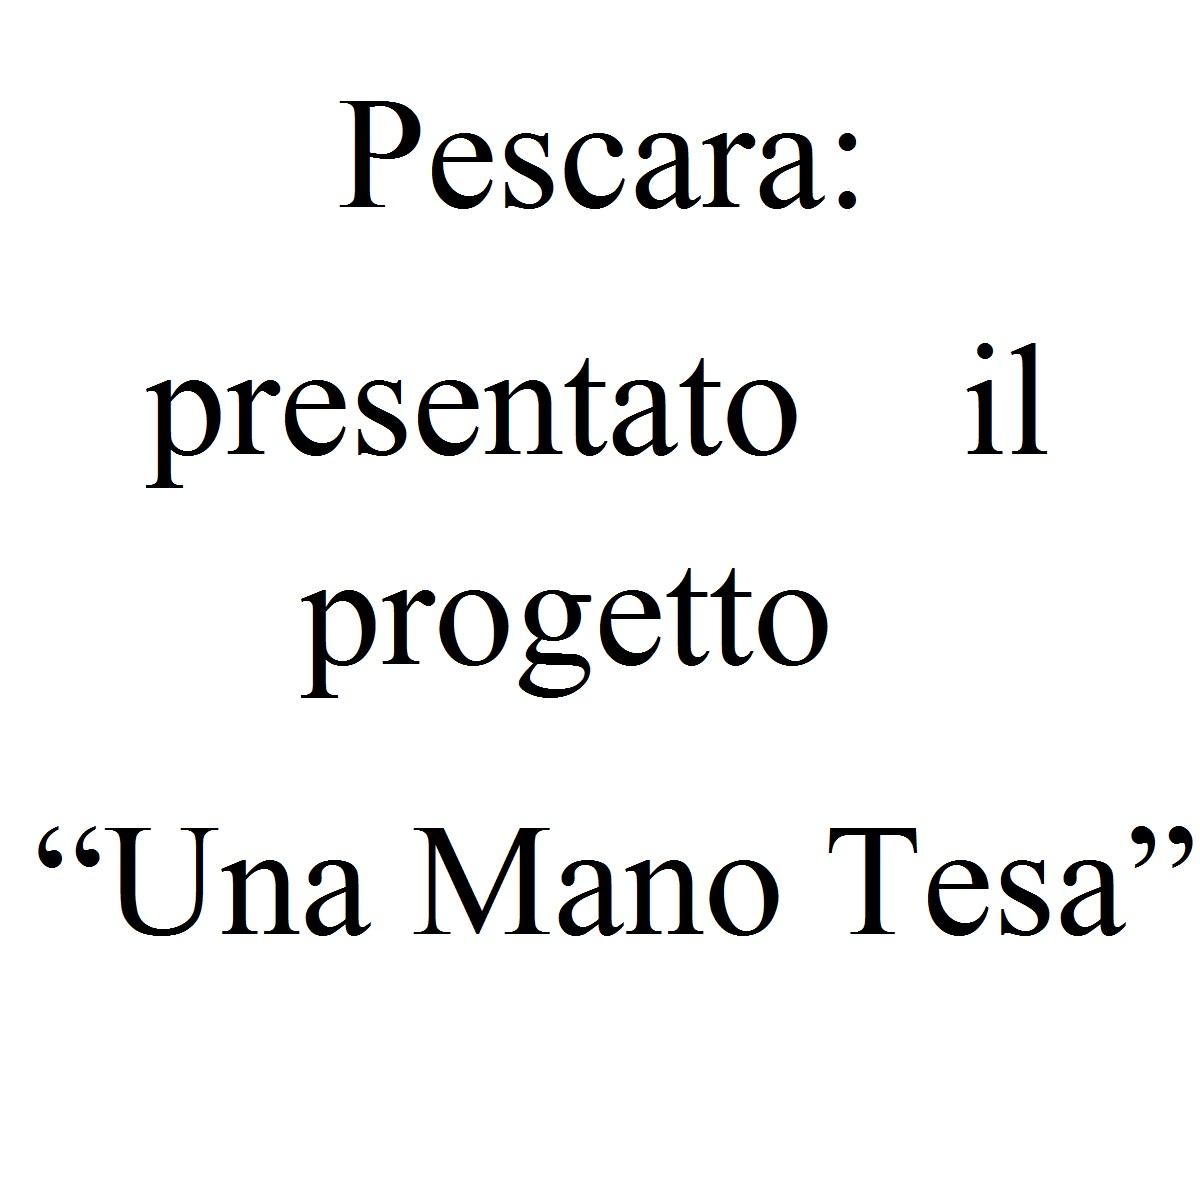 """Pescara presentato il progetto """"Una Mano Tesa"""" foto"""